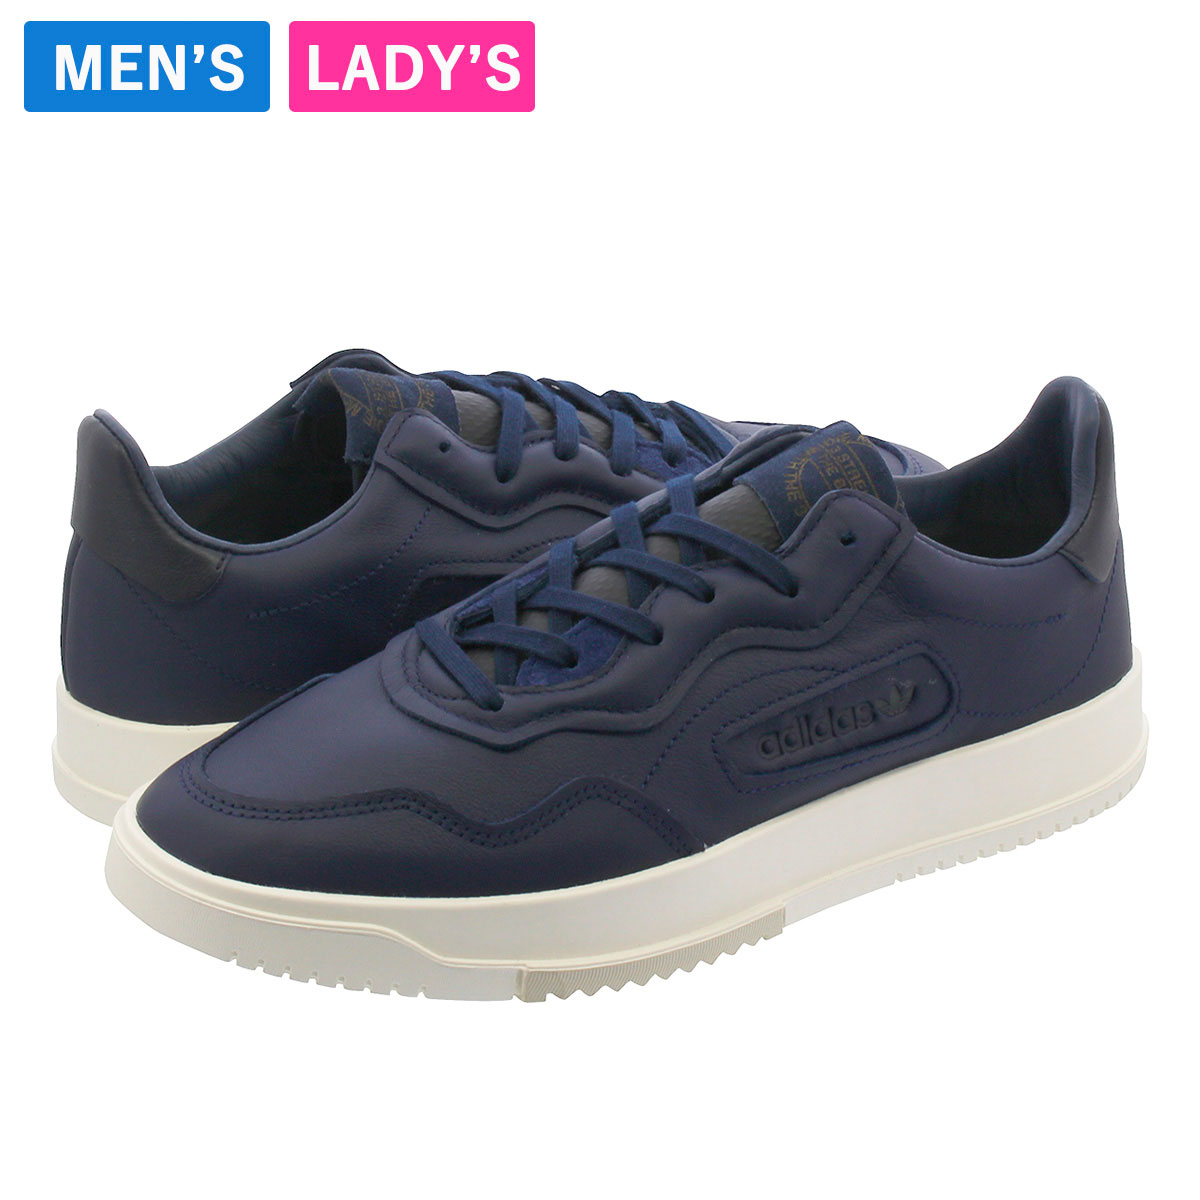 adidas SC PREMIERE Adidas SC premiere COLLEGE NAVYLEGEND INKCARBON bd7599